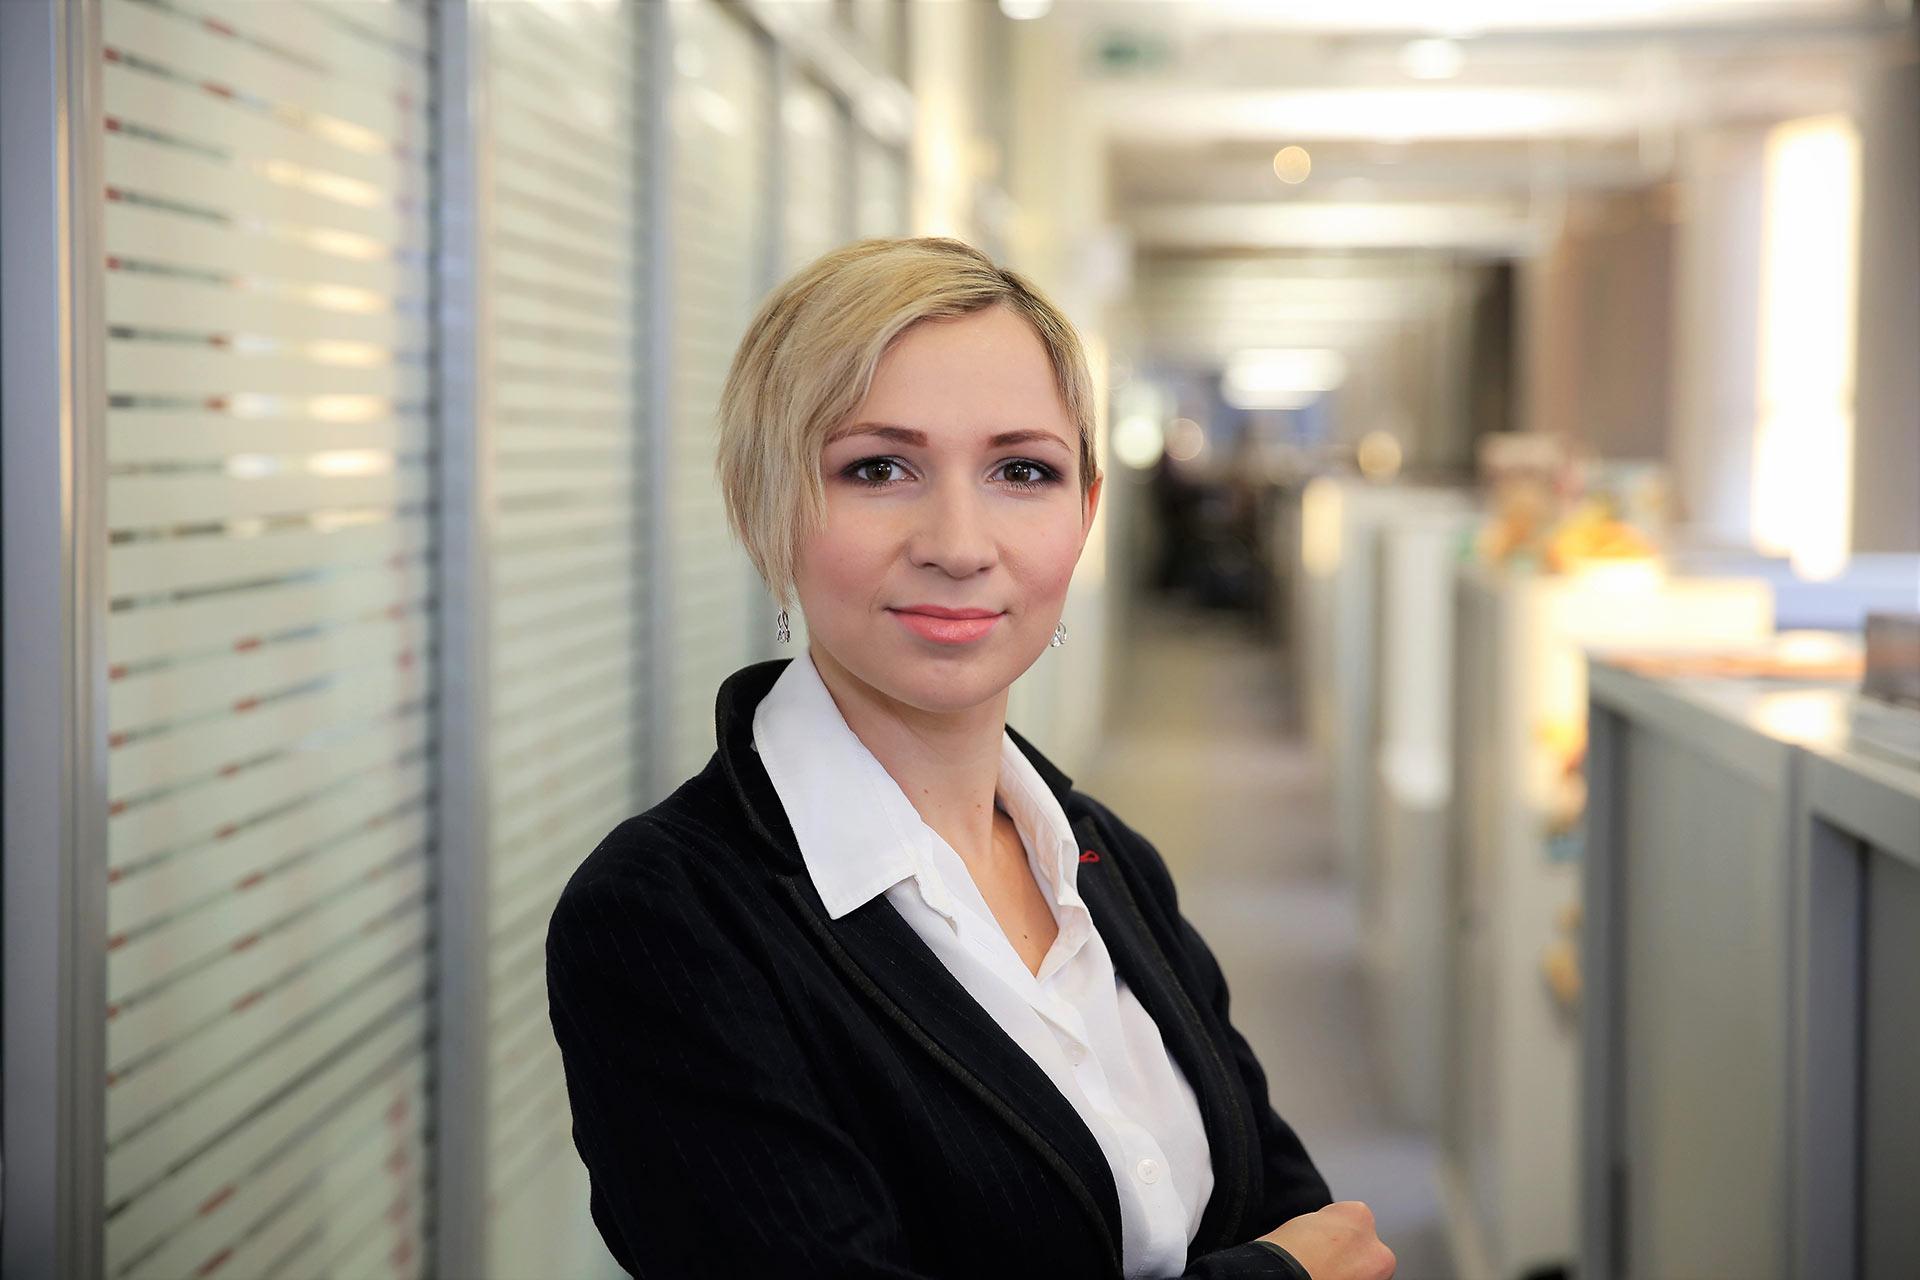 Татьяна Юз - международный независимый финансовый советник, консультант по финансовой грамотности проекта Минфин РФ